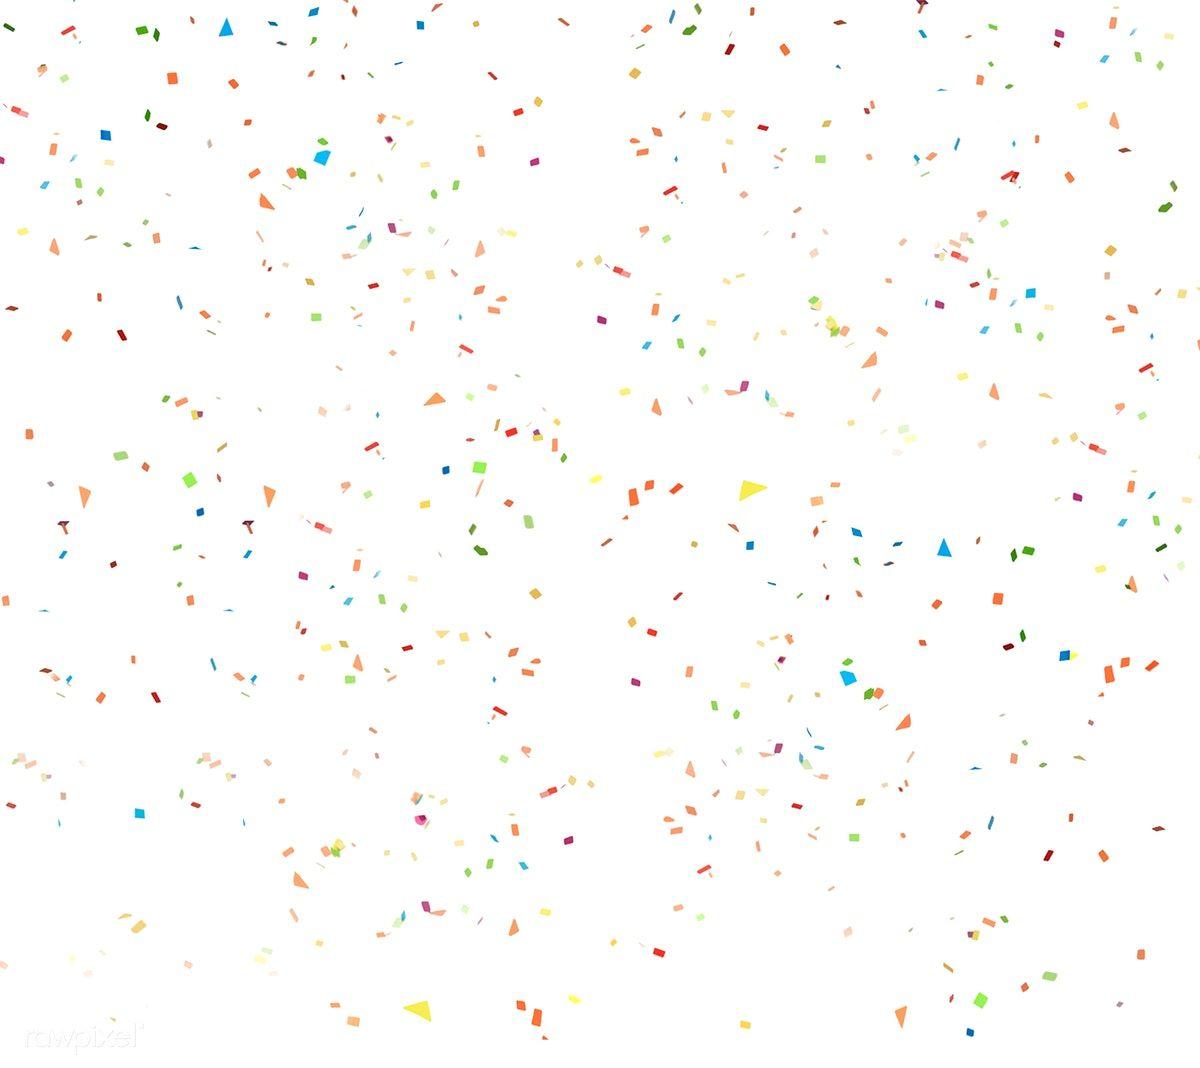 Download Premium Psd Of Colorful Confetti Wallpaper 6547 Confetti Background Confetti Wallpaper White Confetti